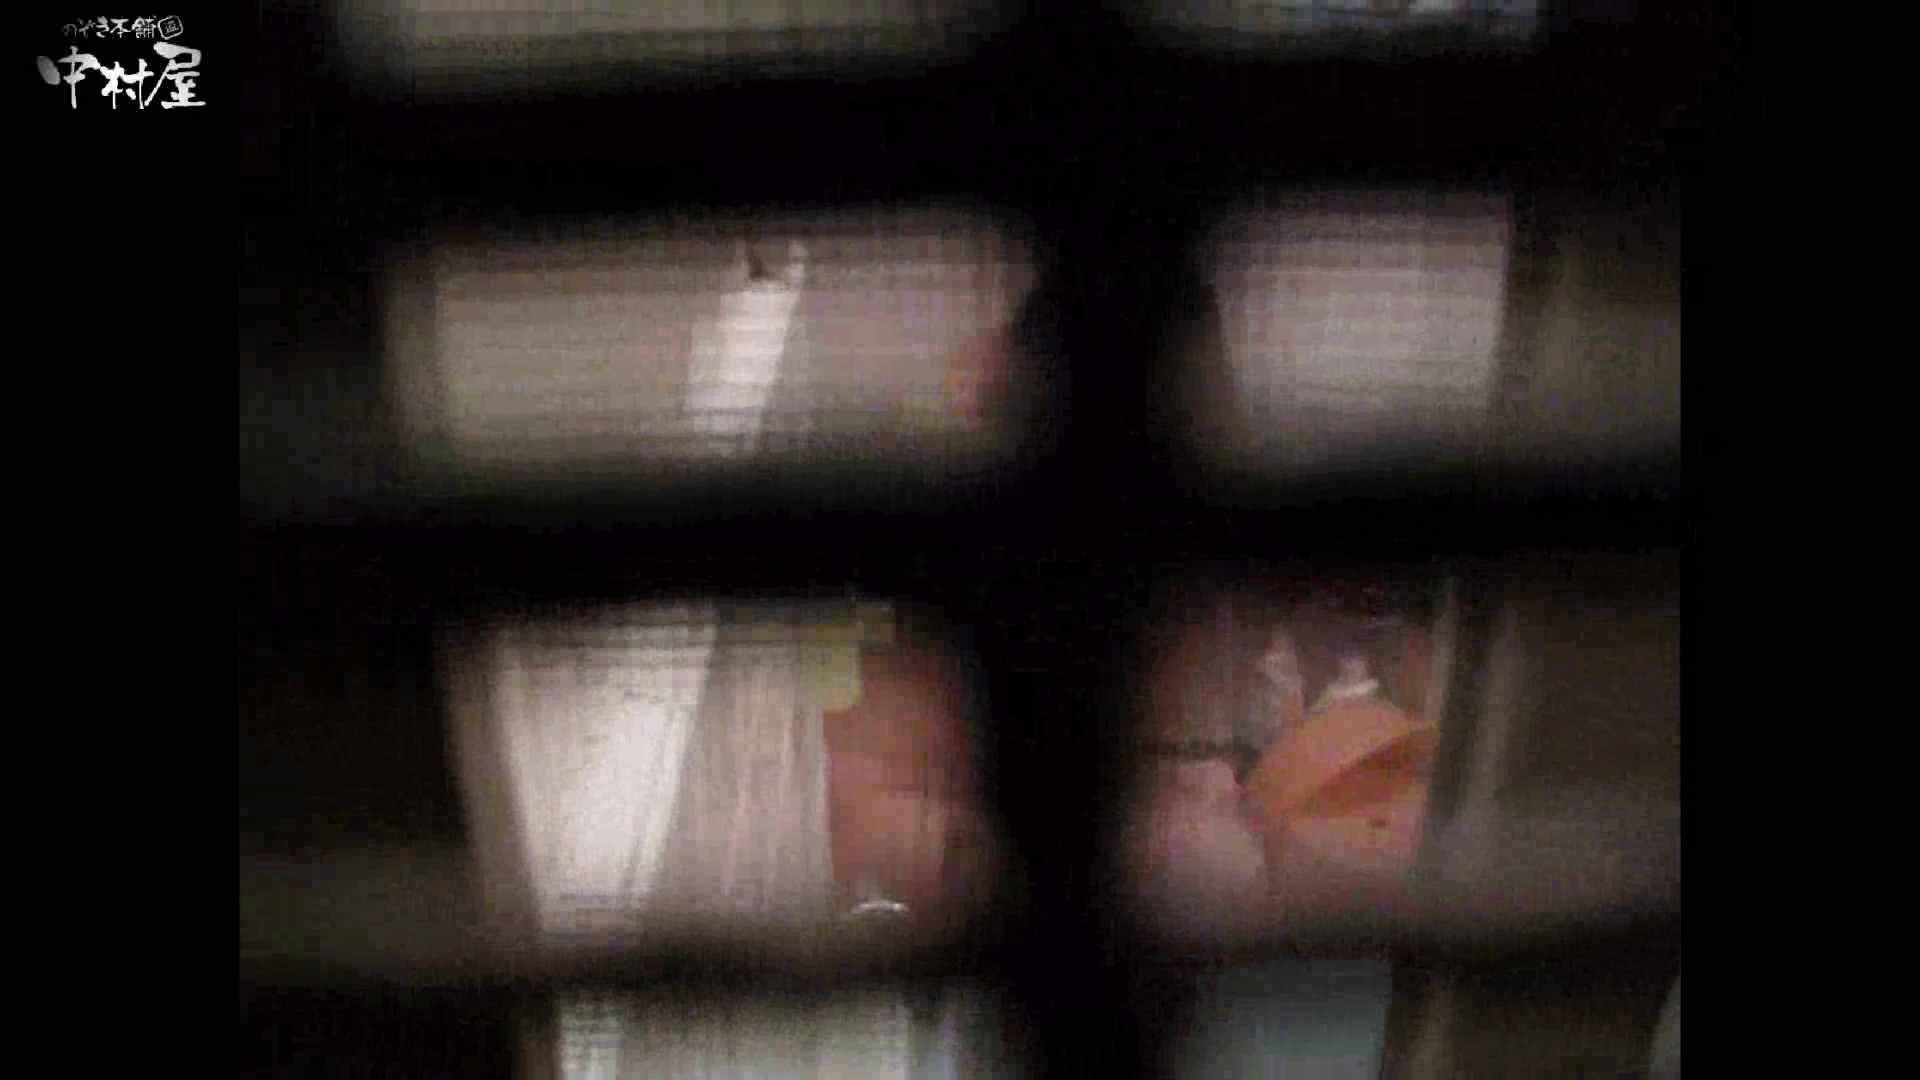 民家風呂専門盗撮師の超危険映像 vol.017 盗撮 オメコ動画キャプチャ 93PICs 93